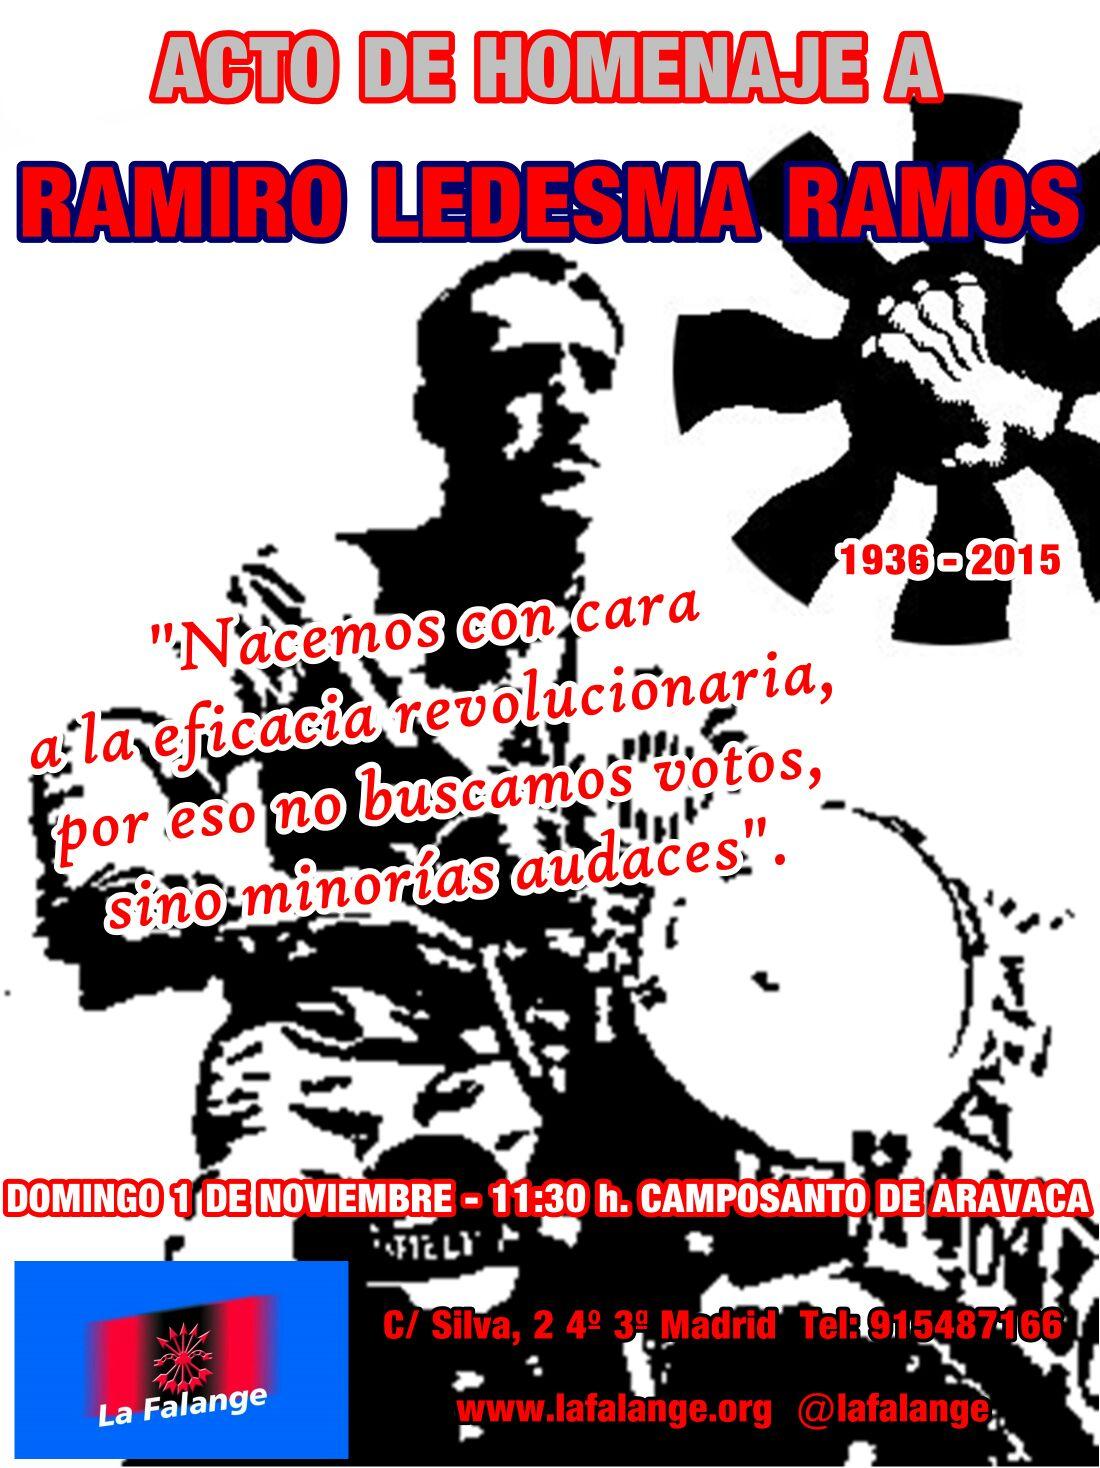 Acto homenaje a Ramiro Ledesma Ramos y a los Mártires de Aravaca el día 1 de Noviembre a las 11:30 h. en el Cementerio de Aravaca